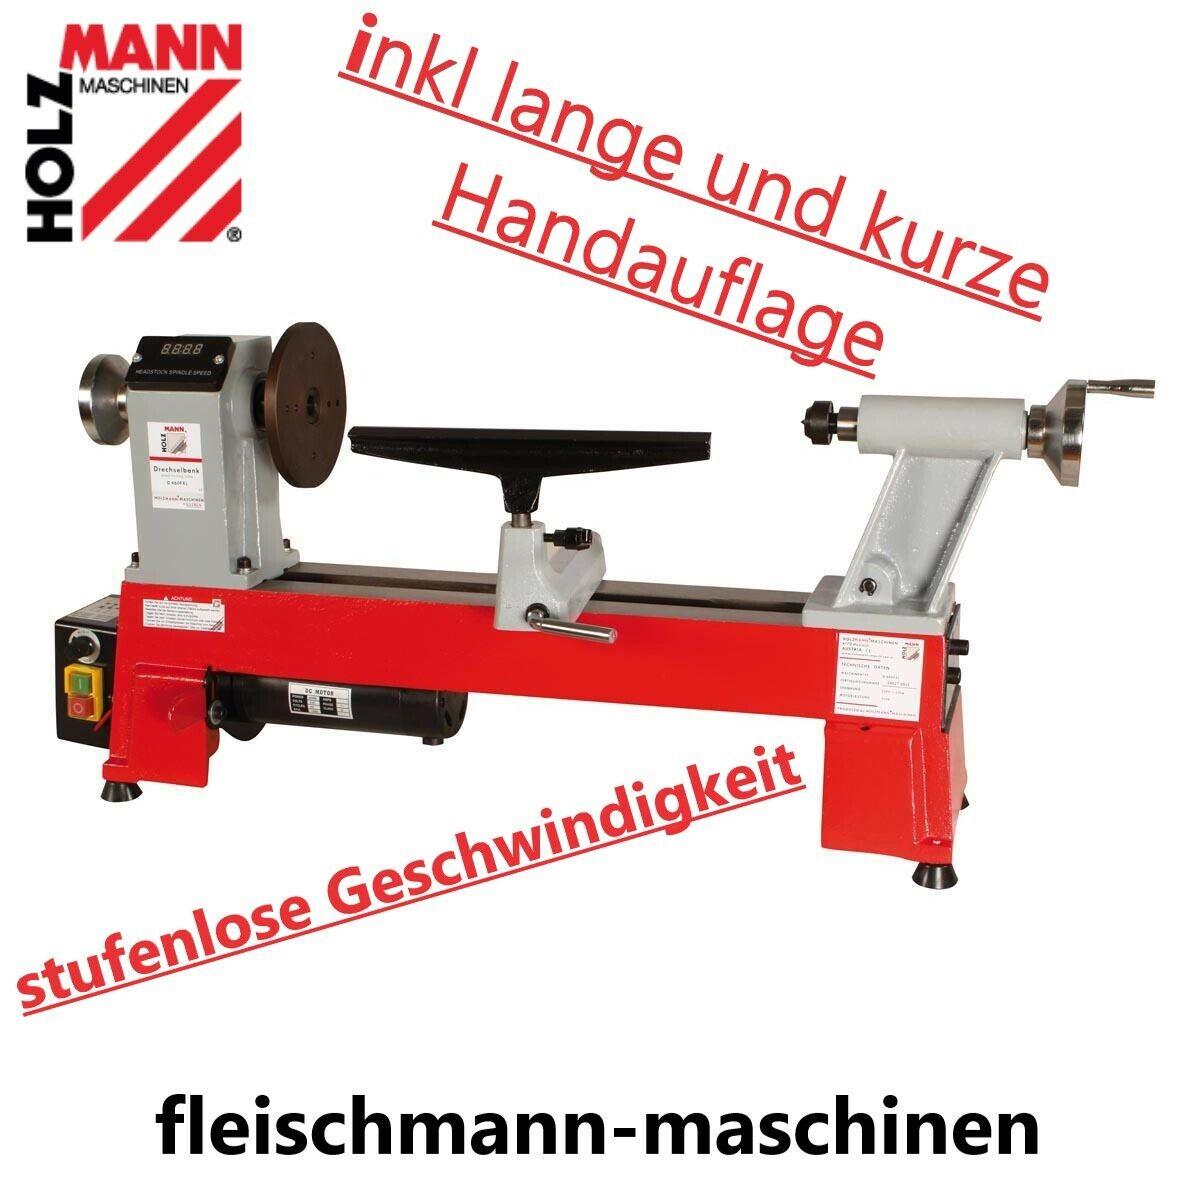 Holzmann Drechselbank D460FXL 230V variabler Drehzalregulierung Drechselmaschine